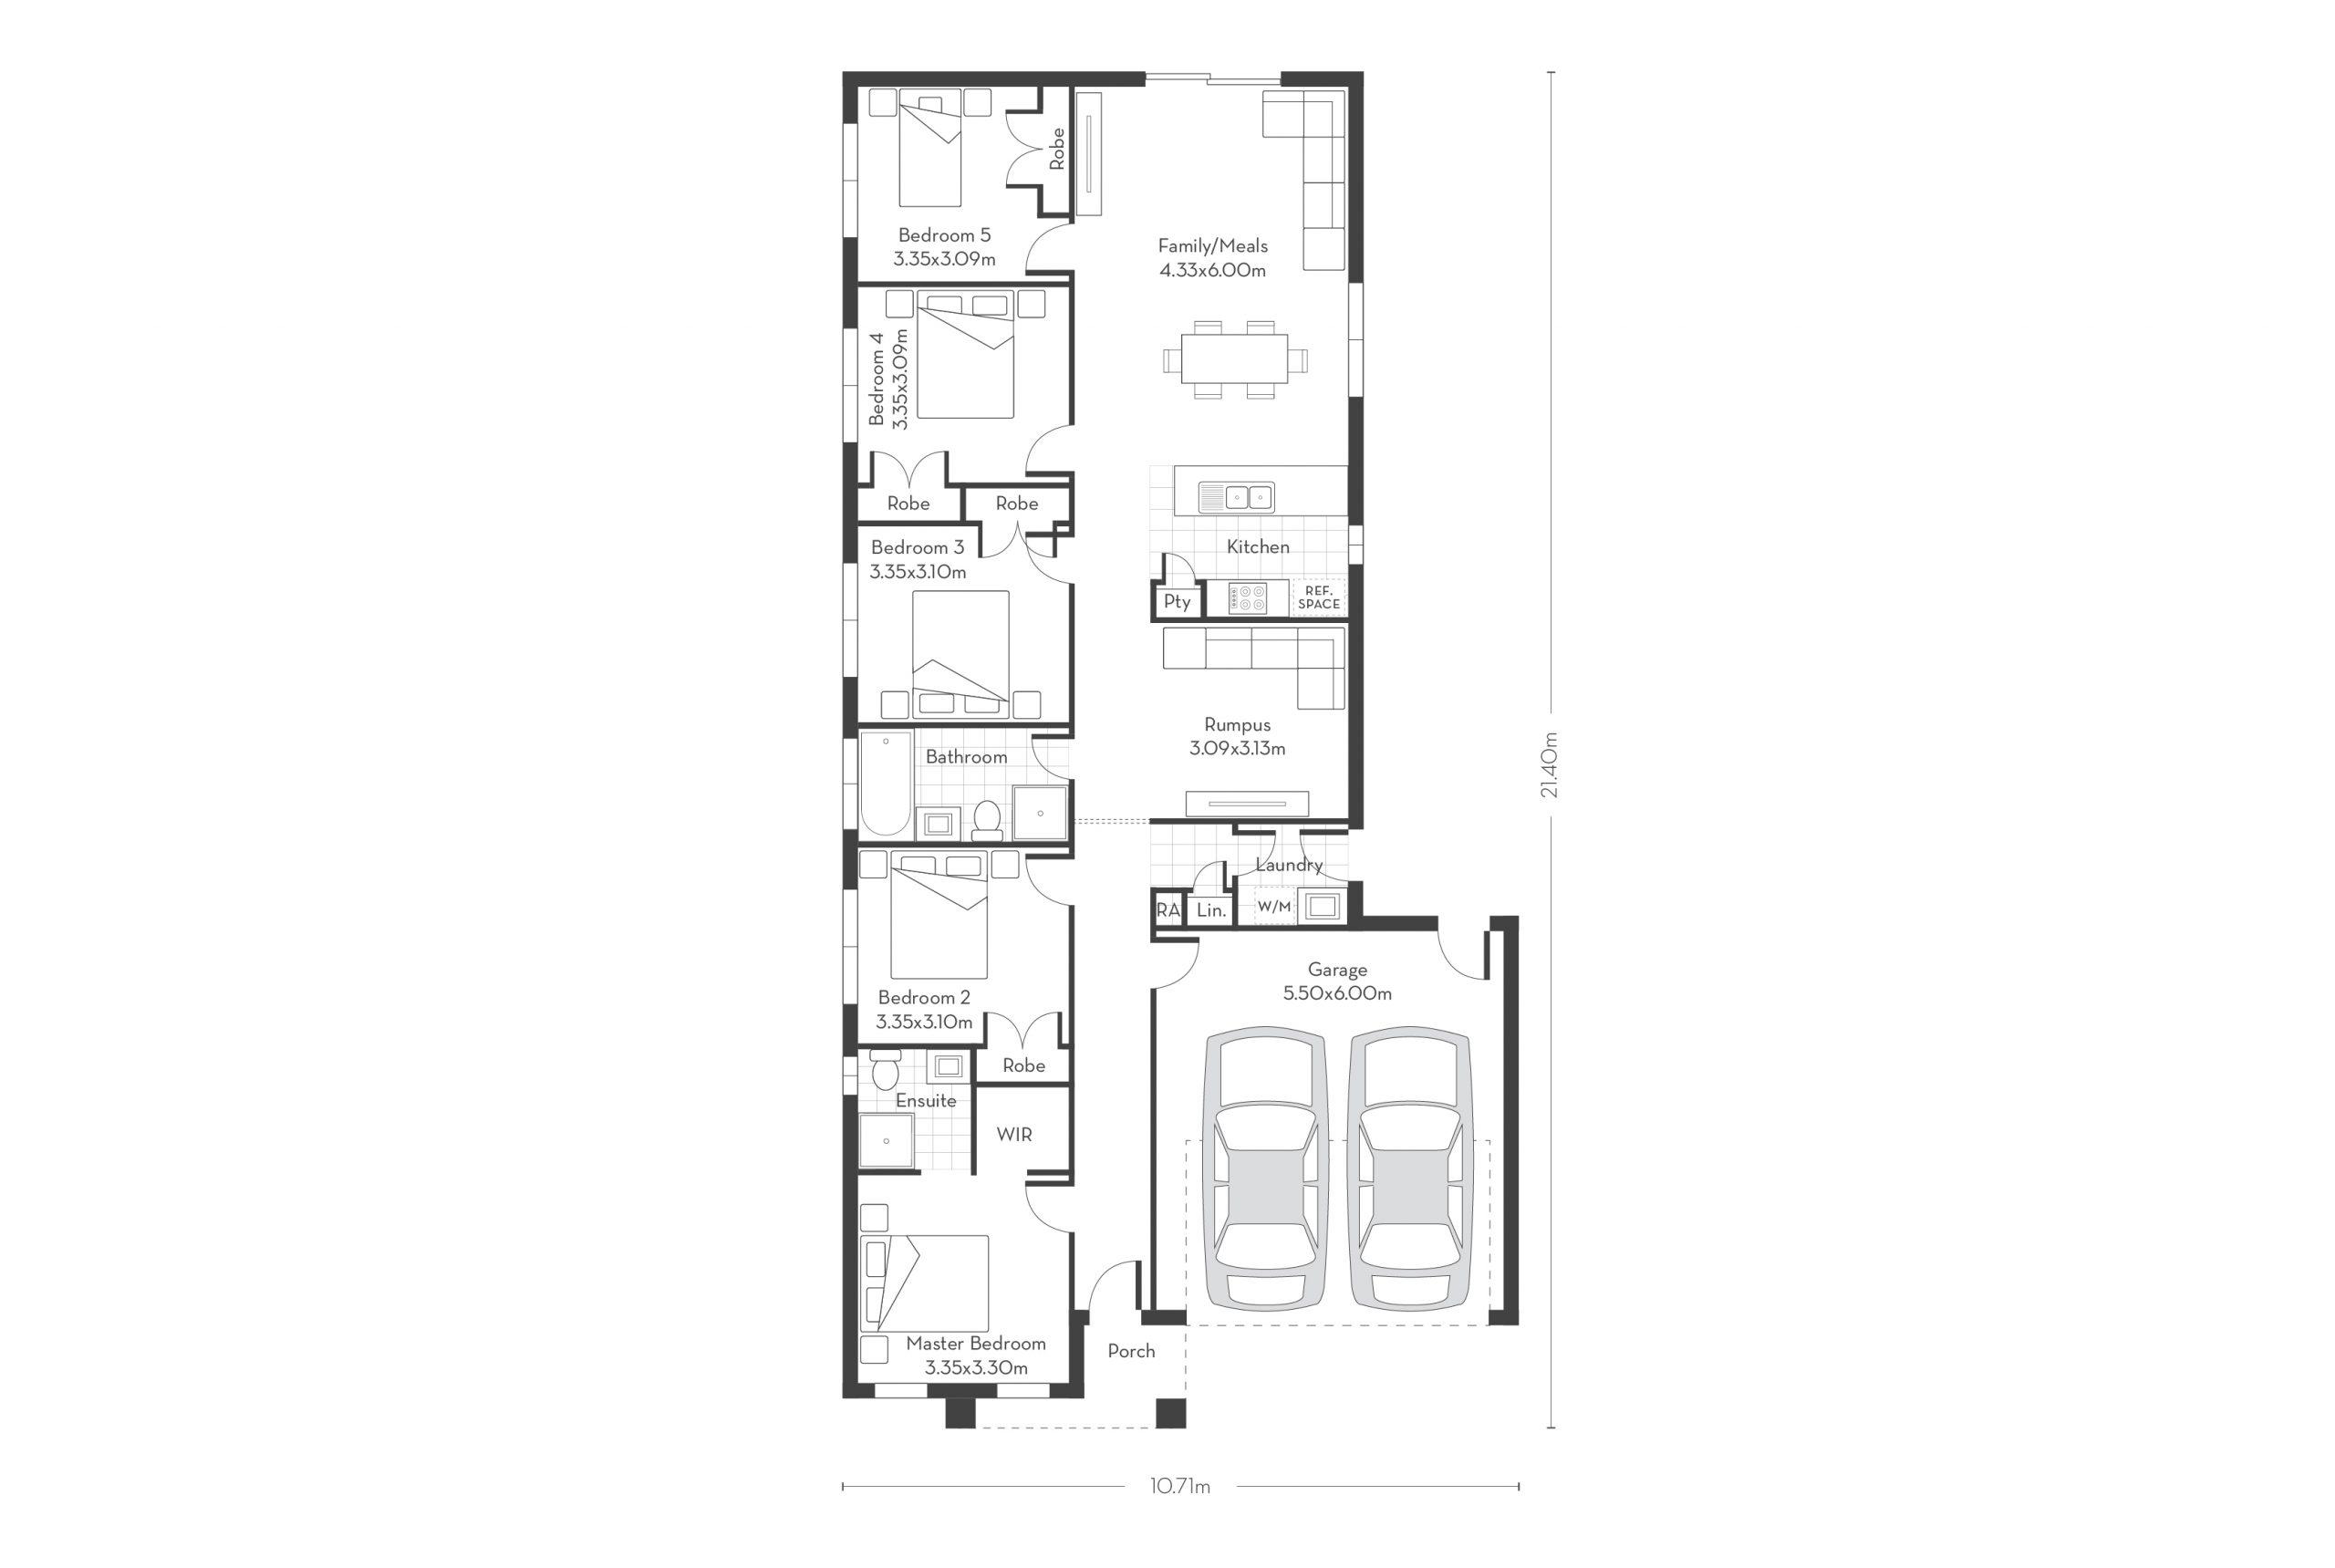 Rosemont 20 – 5 Bed Floor Plans